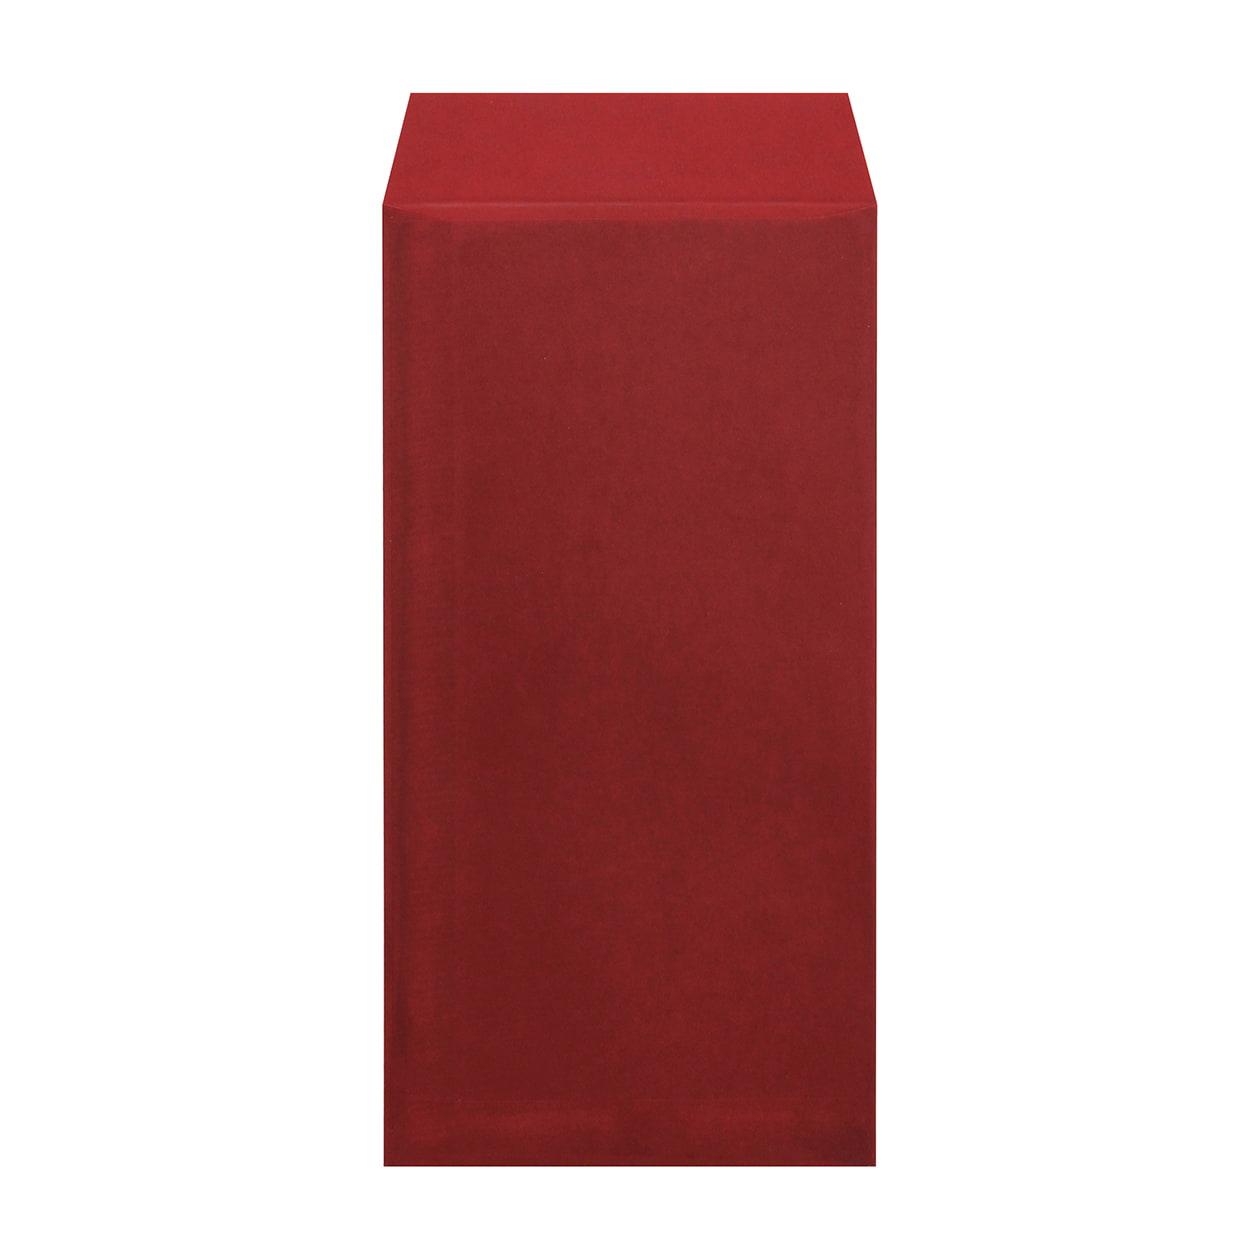 サンプル 封筒・袋 00060